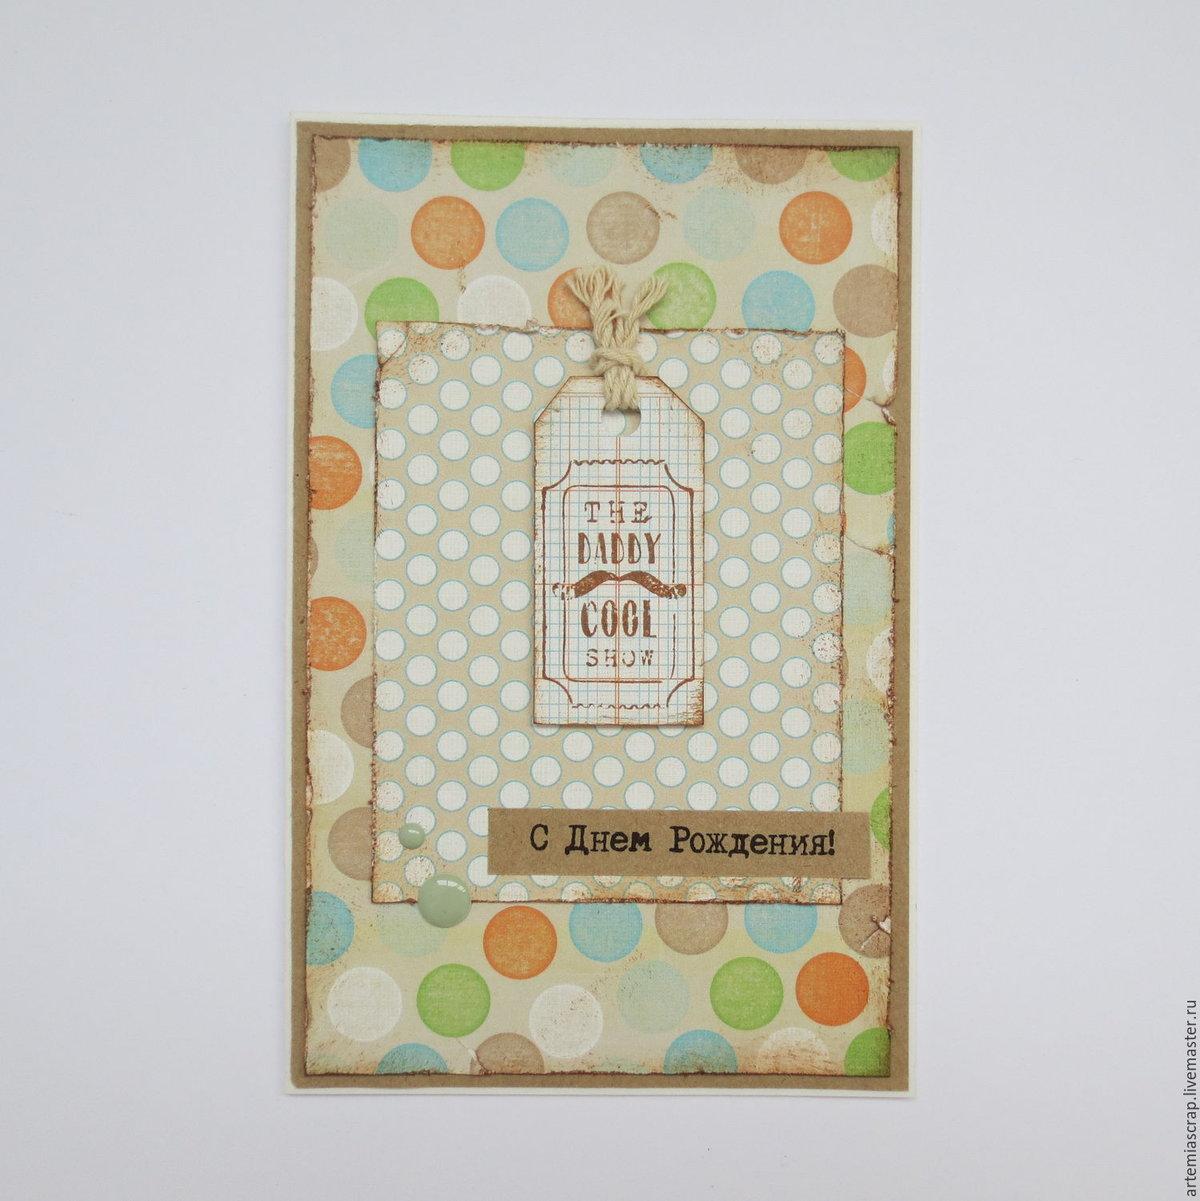 Скрапбукинг открытка на день рождения легко, поздравления